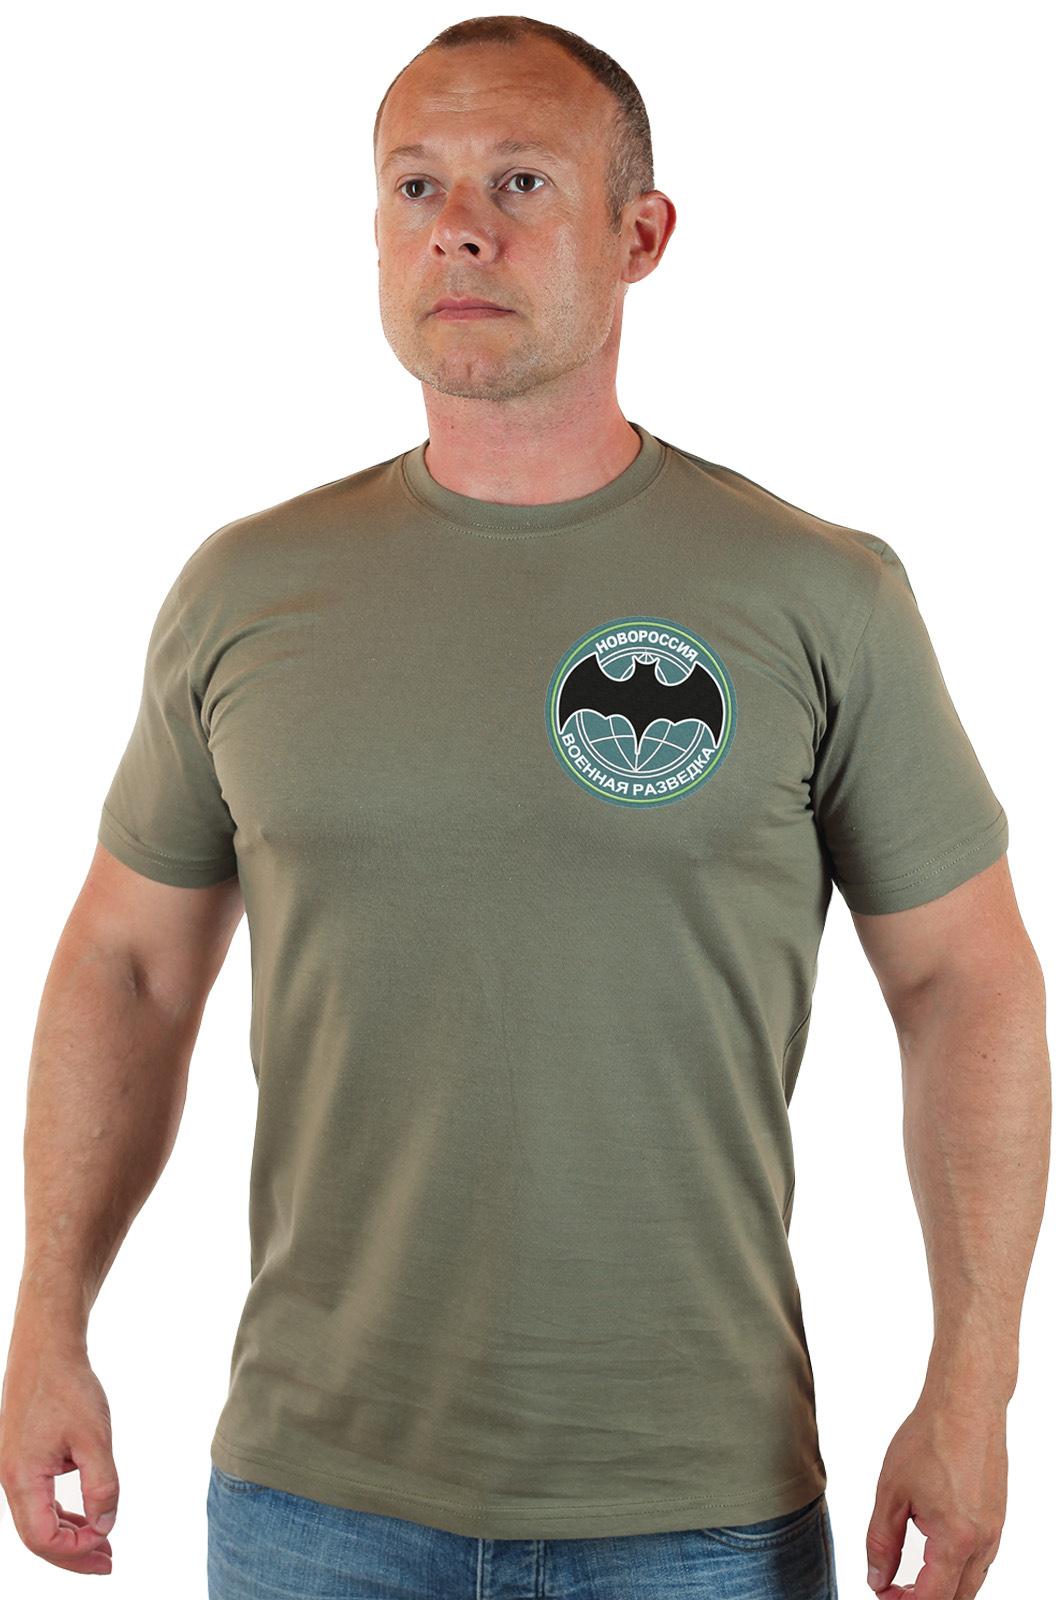 Военная футболка с символикой Новороссии